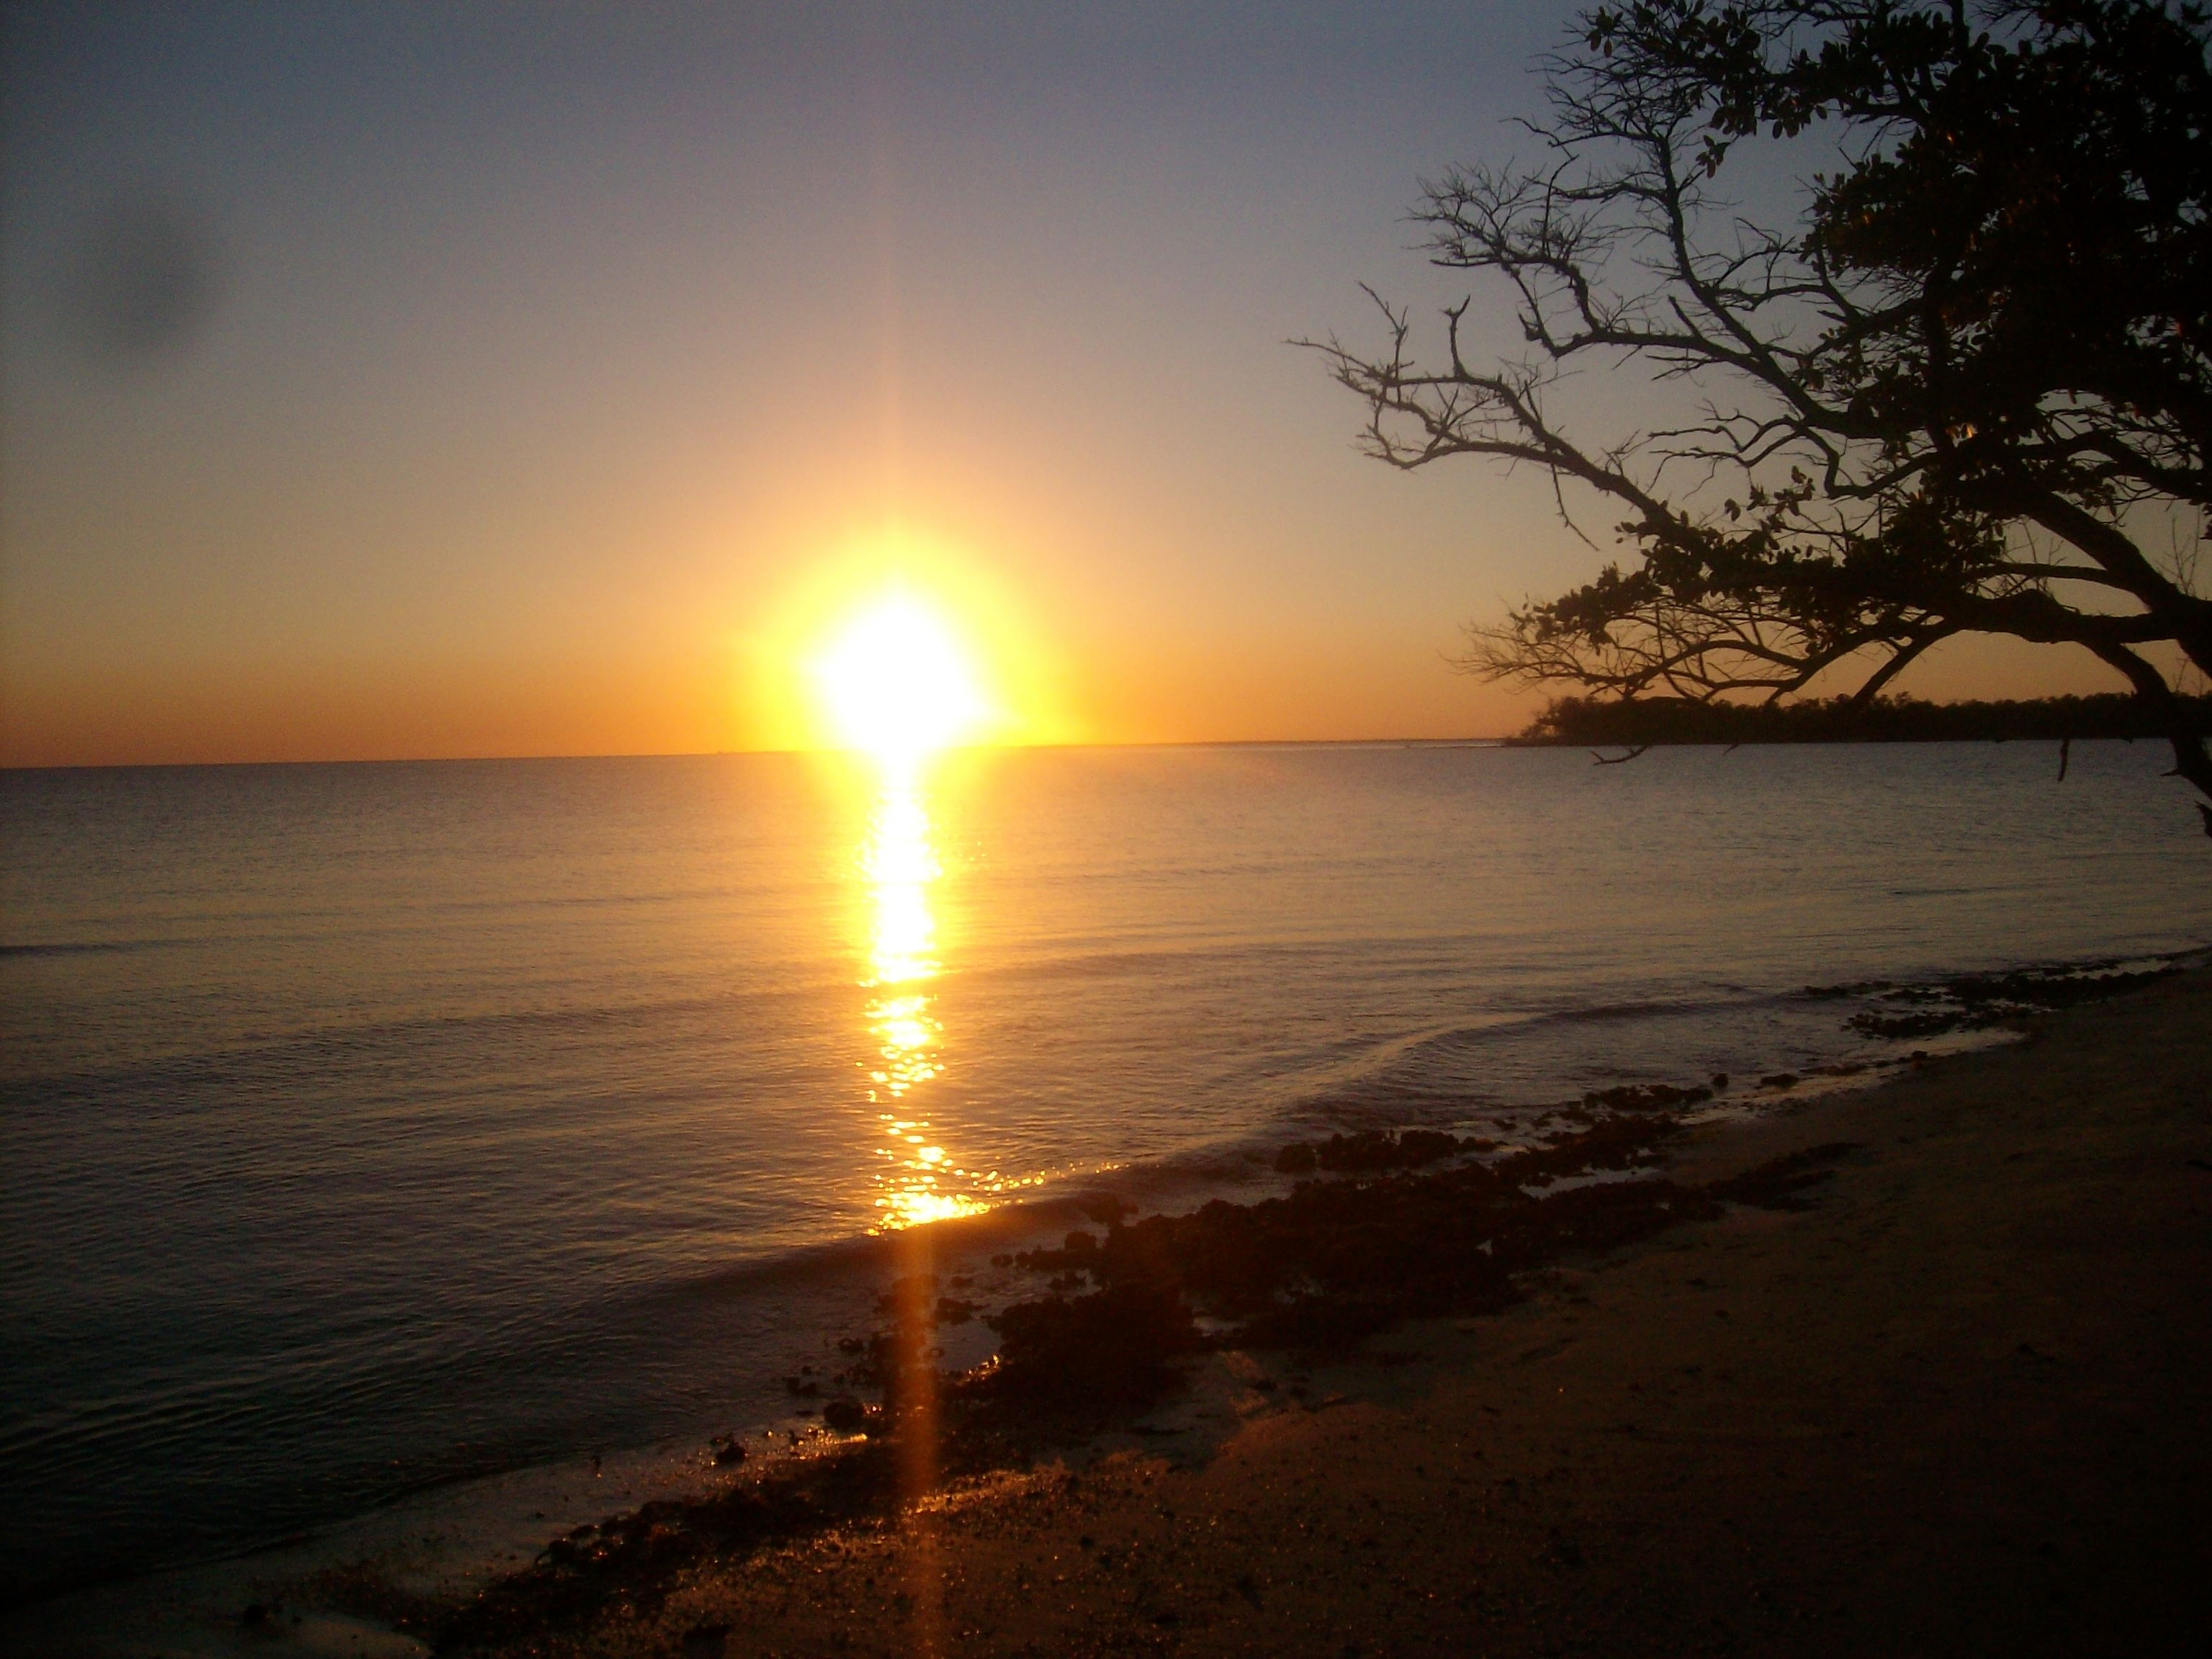 Sunset off White Horse Key, Florida.